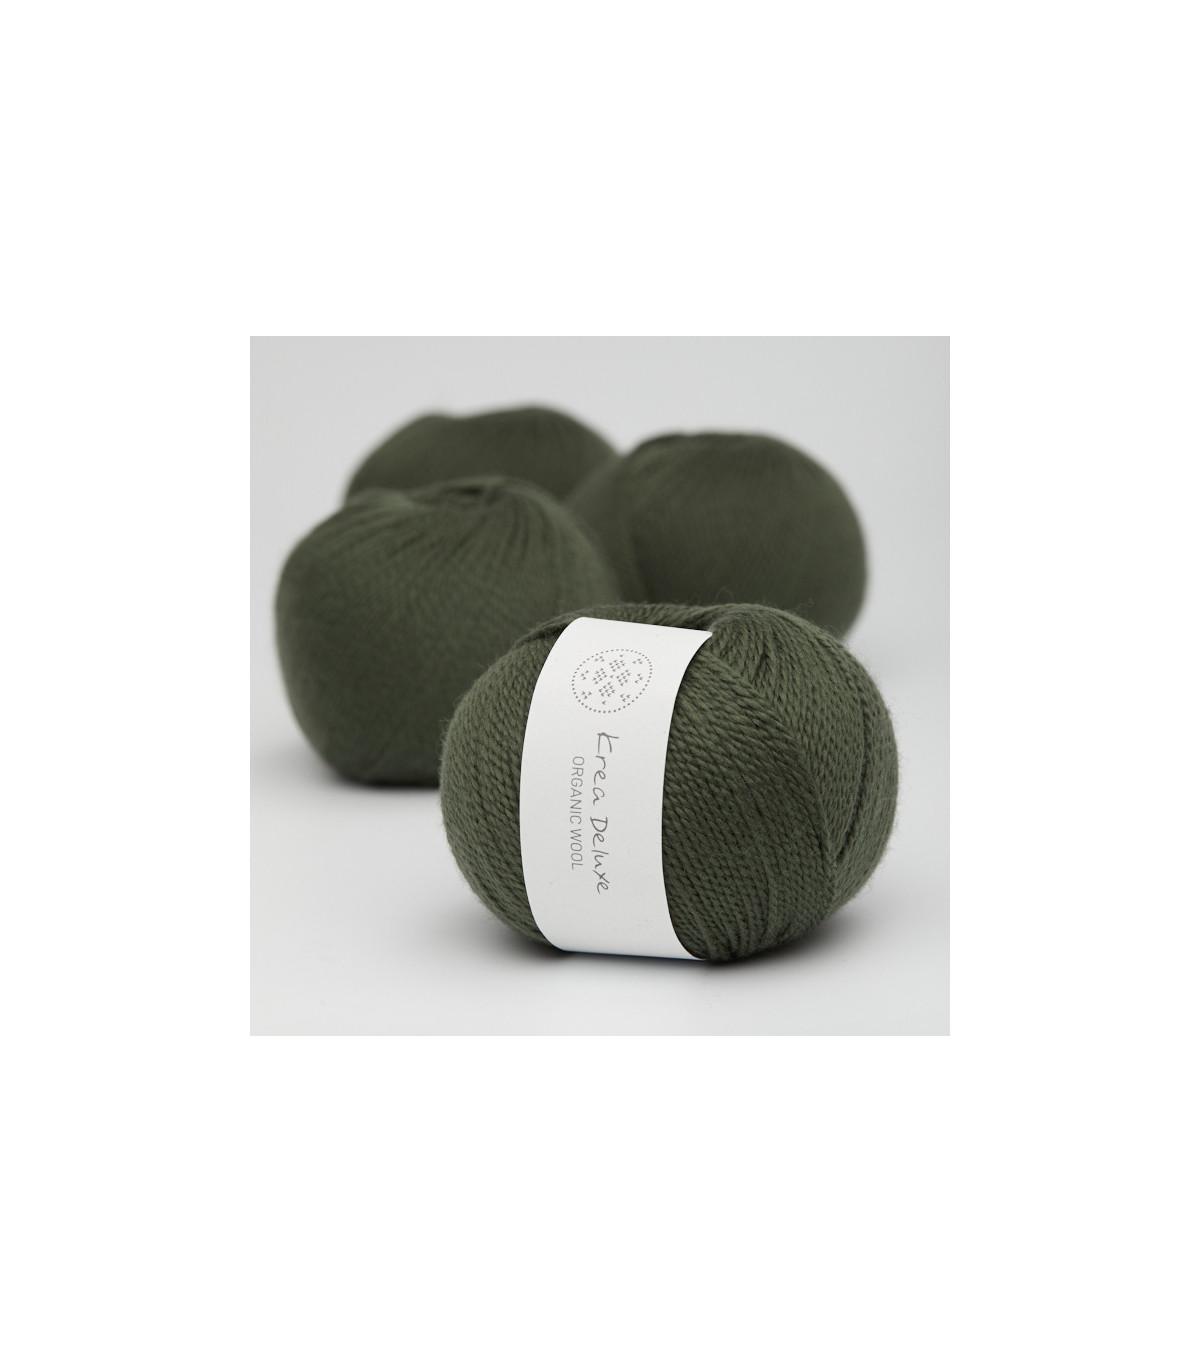 Wool 1 (Neu) - Krea Deluxe in der Farbe W 36 Dunkelgrün